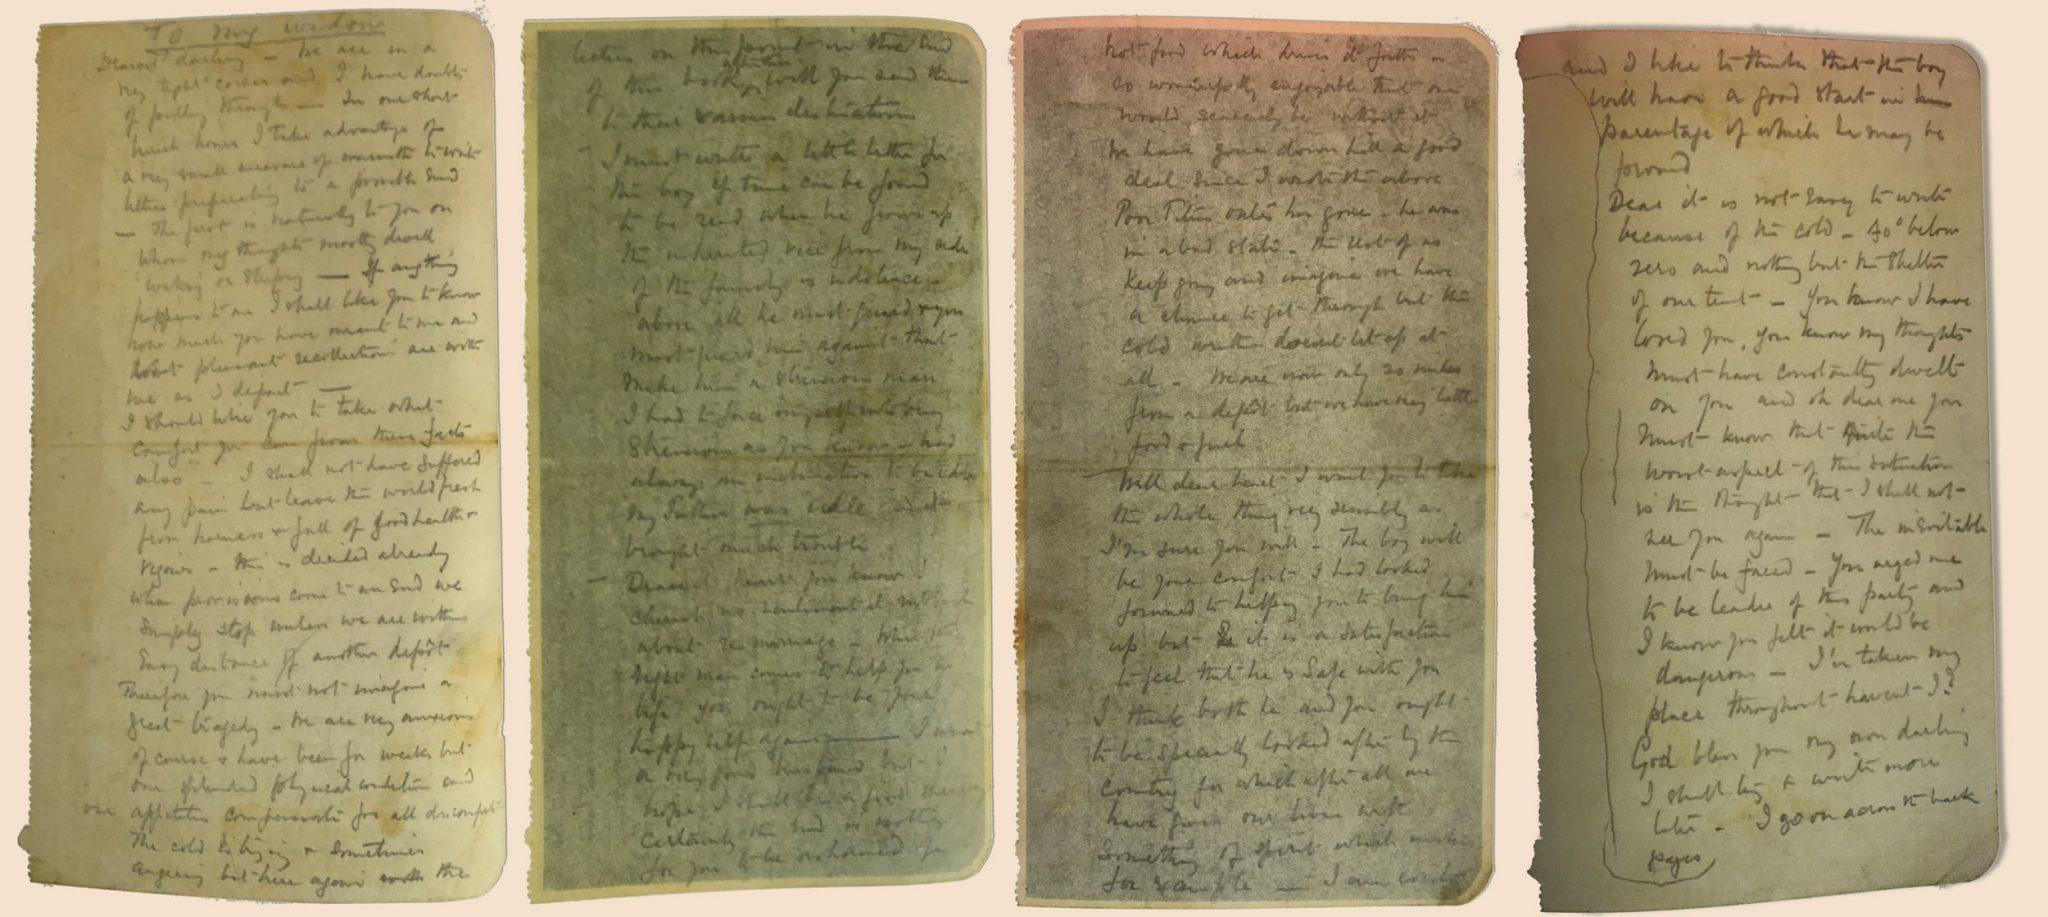 Carta de despedida de scott